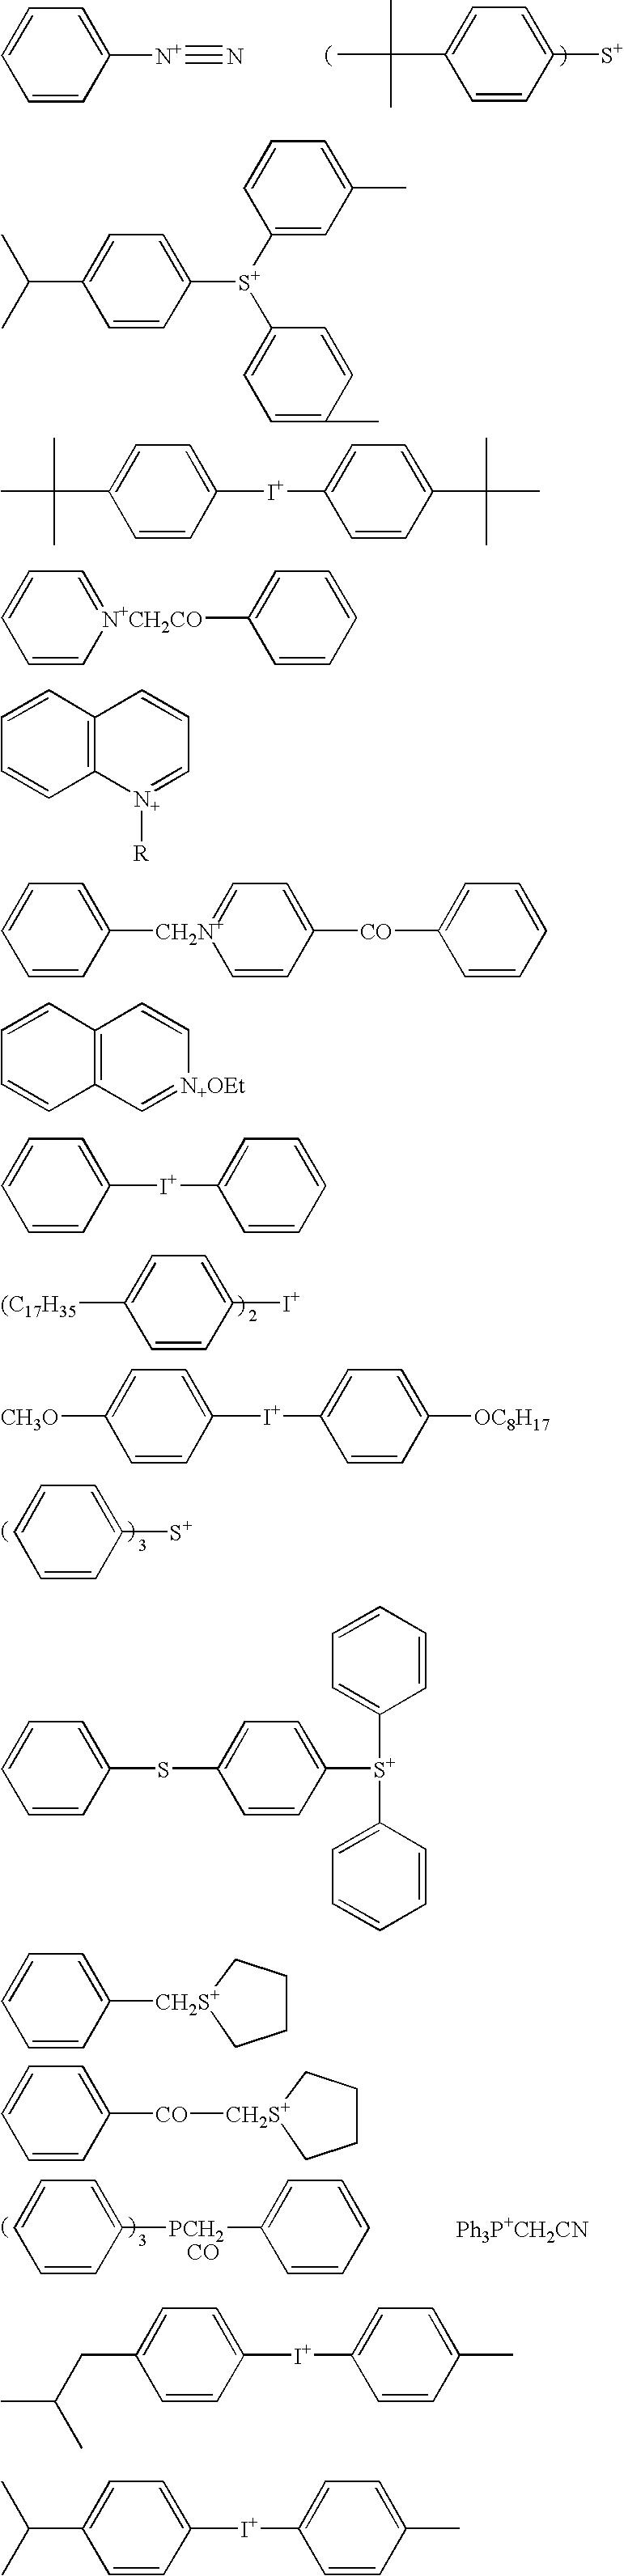 Figure US20040141040A1-20040722-C00015